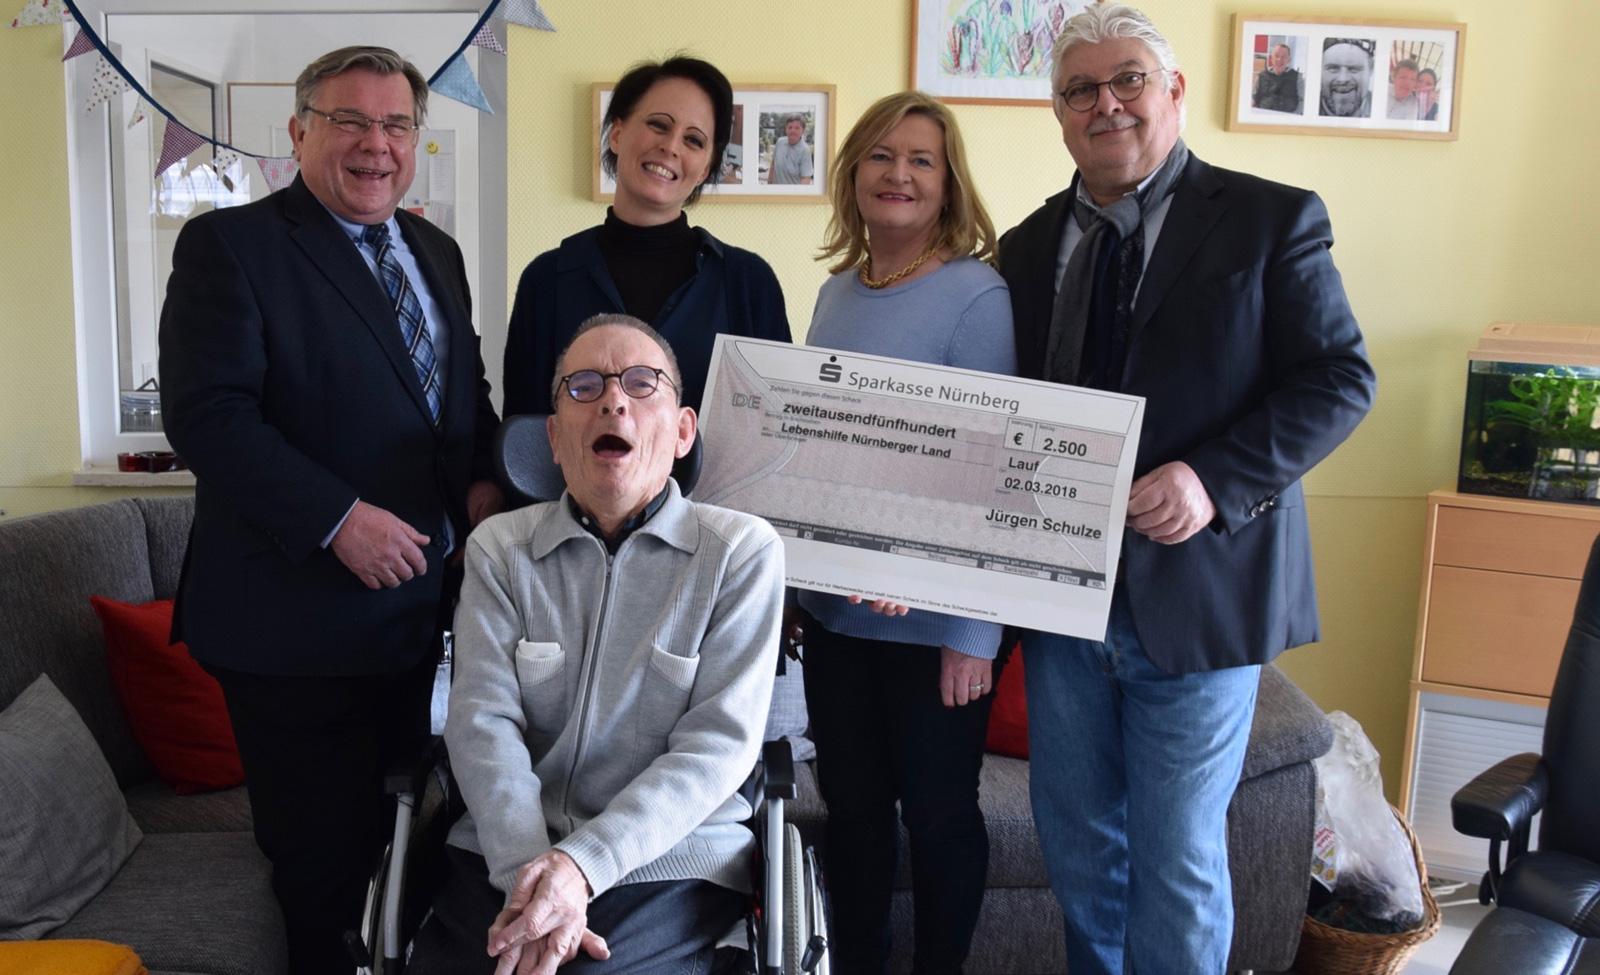 Großzügige Spende für Senioren fördert Inklusion v.l.n.r. Gerhard John, Martina Voigt, Eheleute Schulze, vorn Norbert Mahlich.